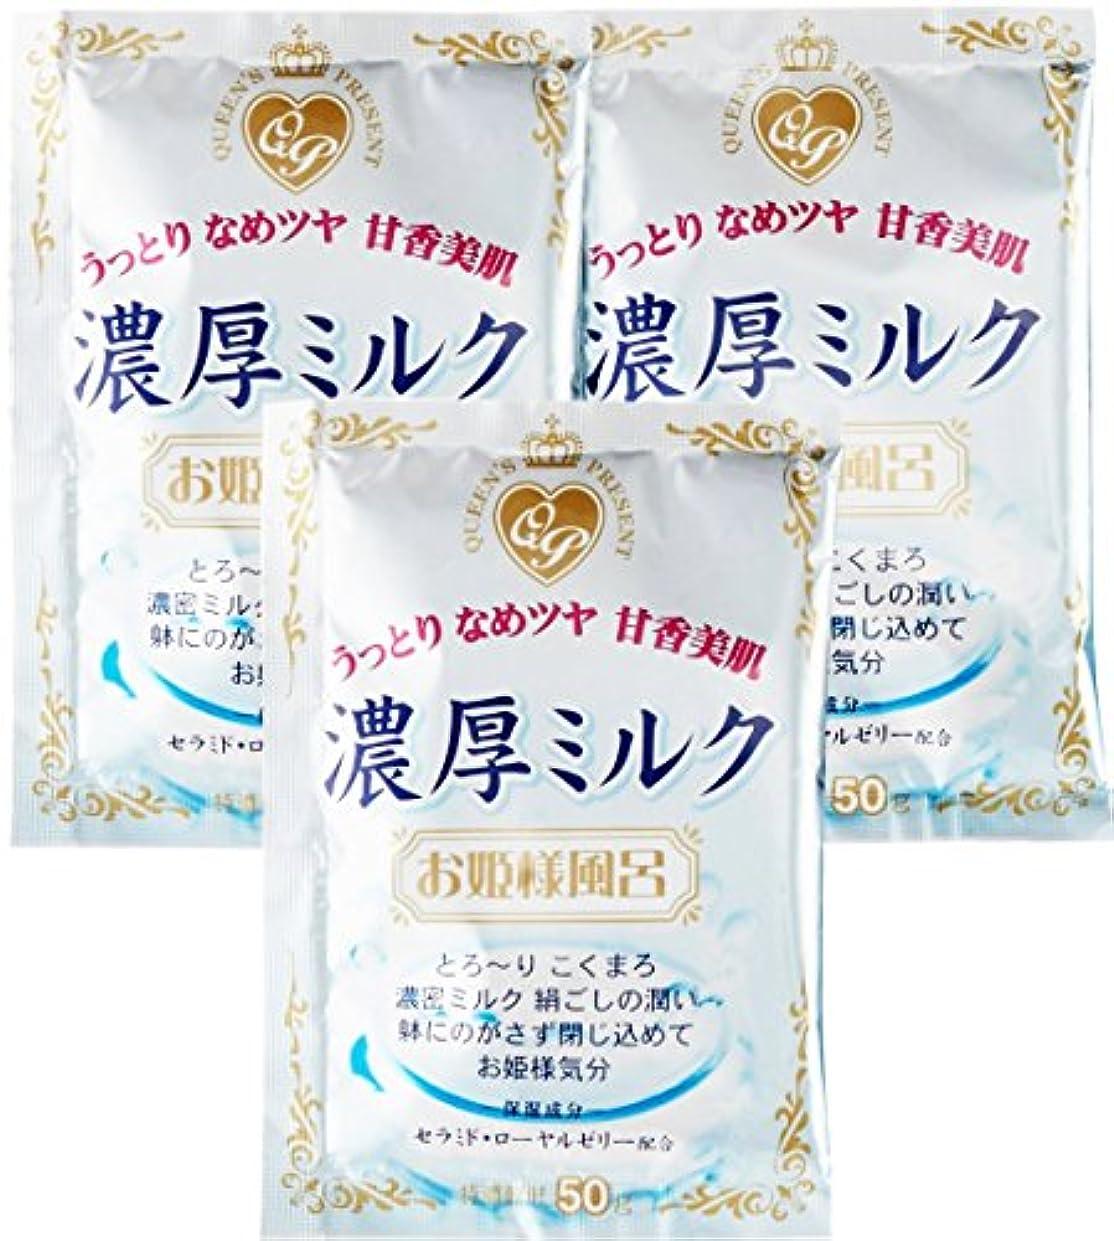 一時停止ドナウ川暗唱する紀陽除虫菊 『入浴剤 まとめ買い』 お姫様風呂 濃厚ミルク 3包セット